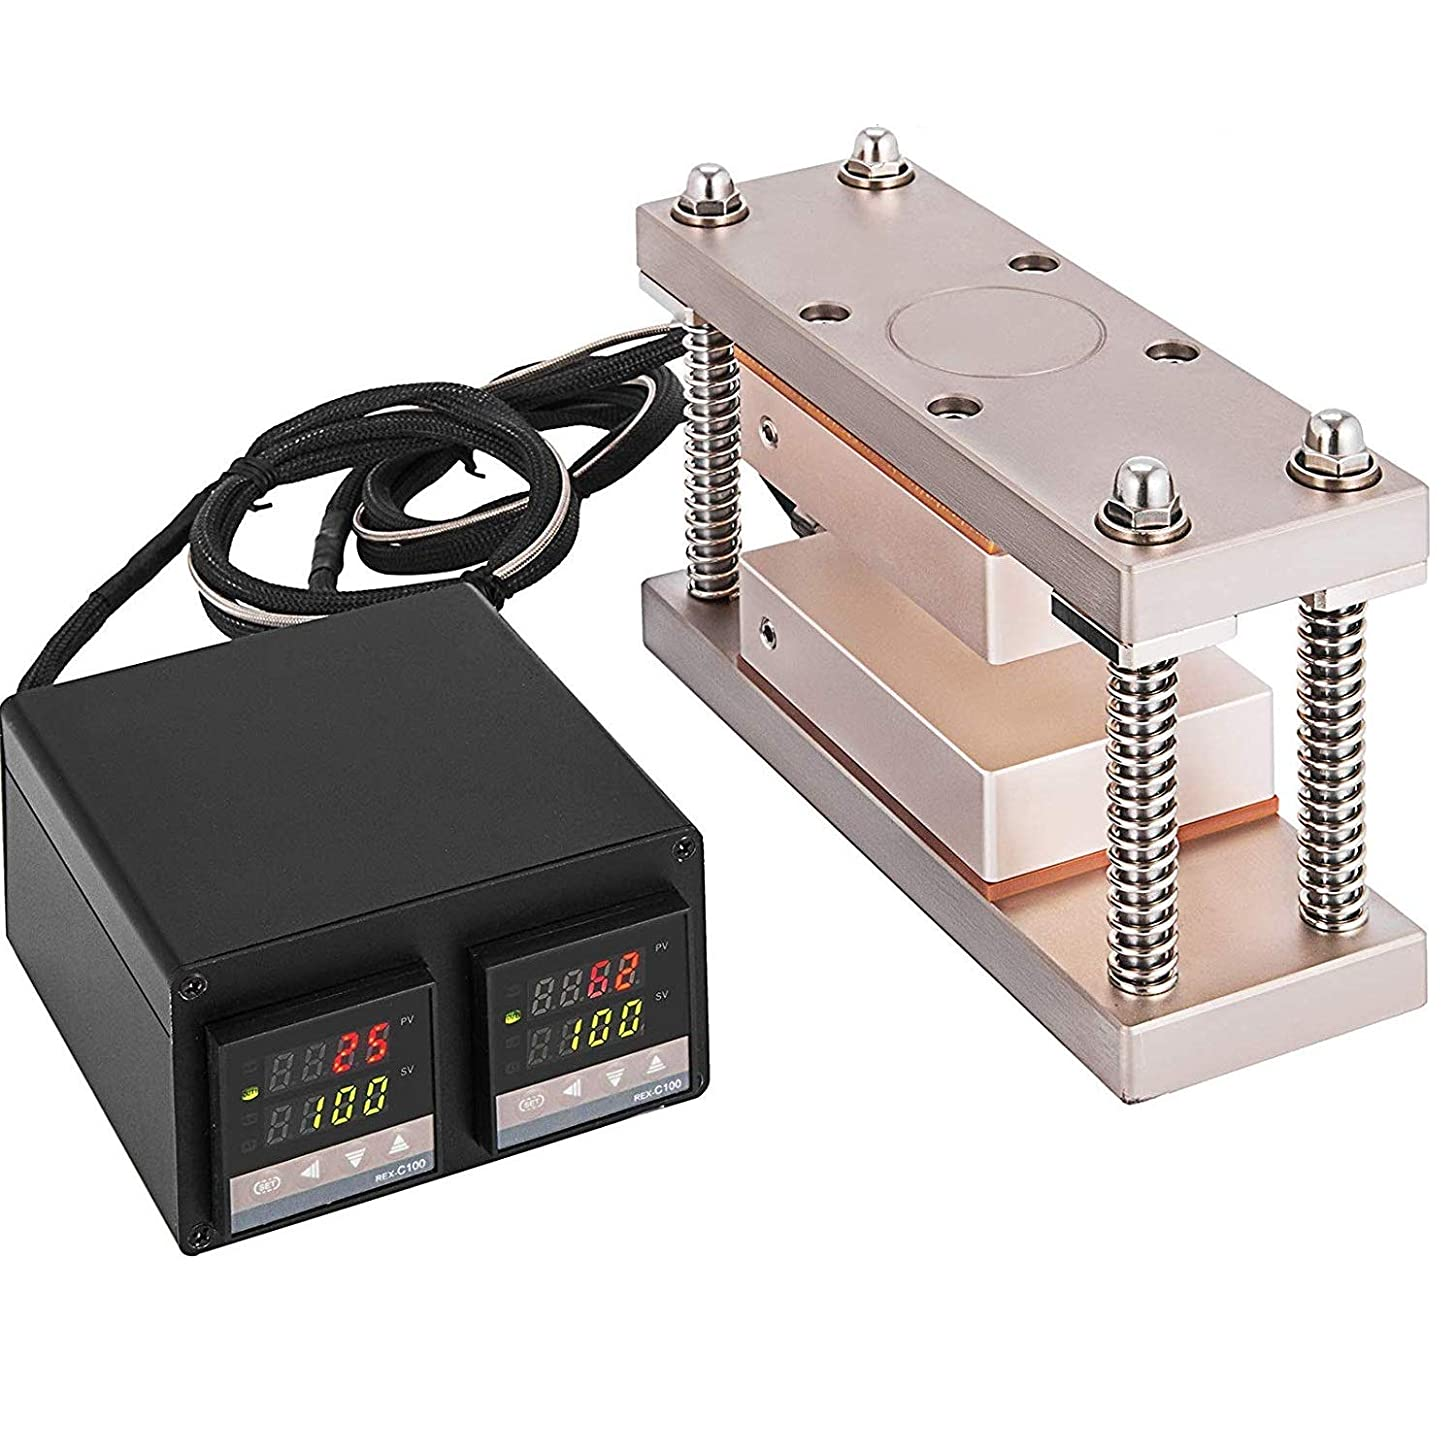 """Tech-L Heat Press Plates 3X7"""" Heat Press Kit with Double Digital Display Temperature Controller Box (3X7"""" 600W)"""